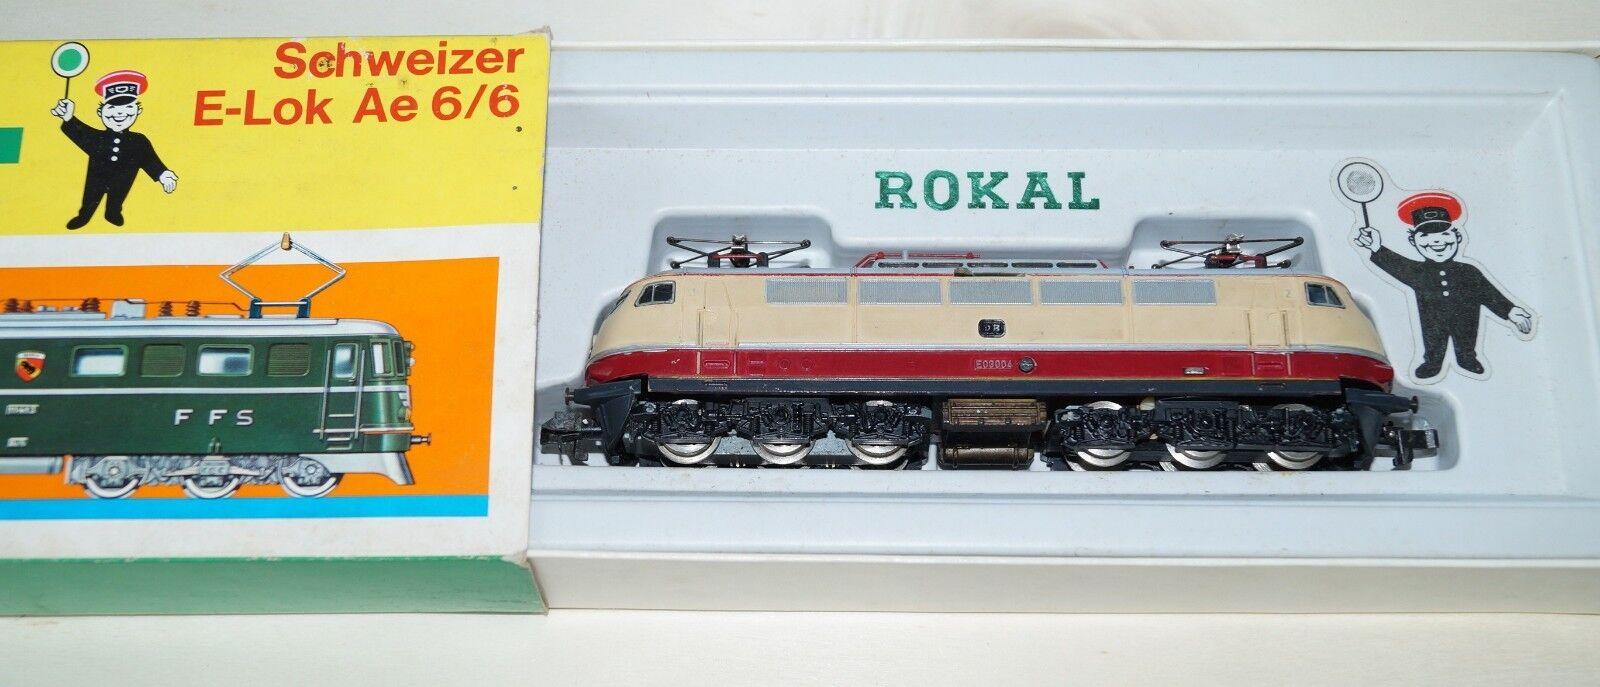 Rokal 01045 ELLOK BR e-03 004 DB, nella sua confezione originale top